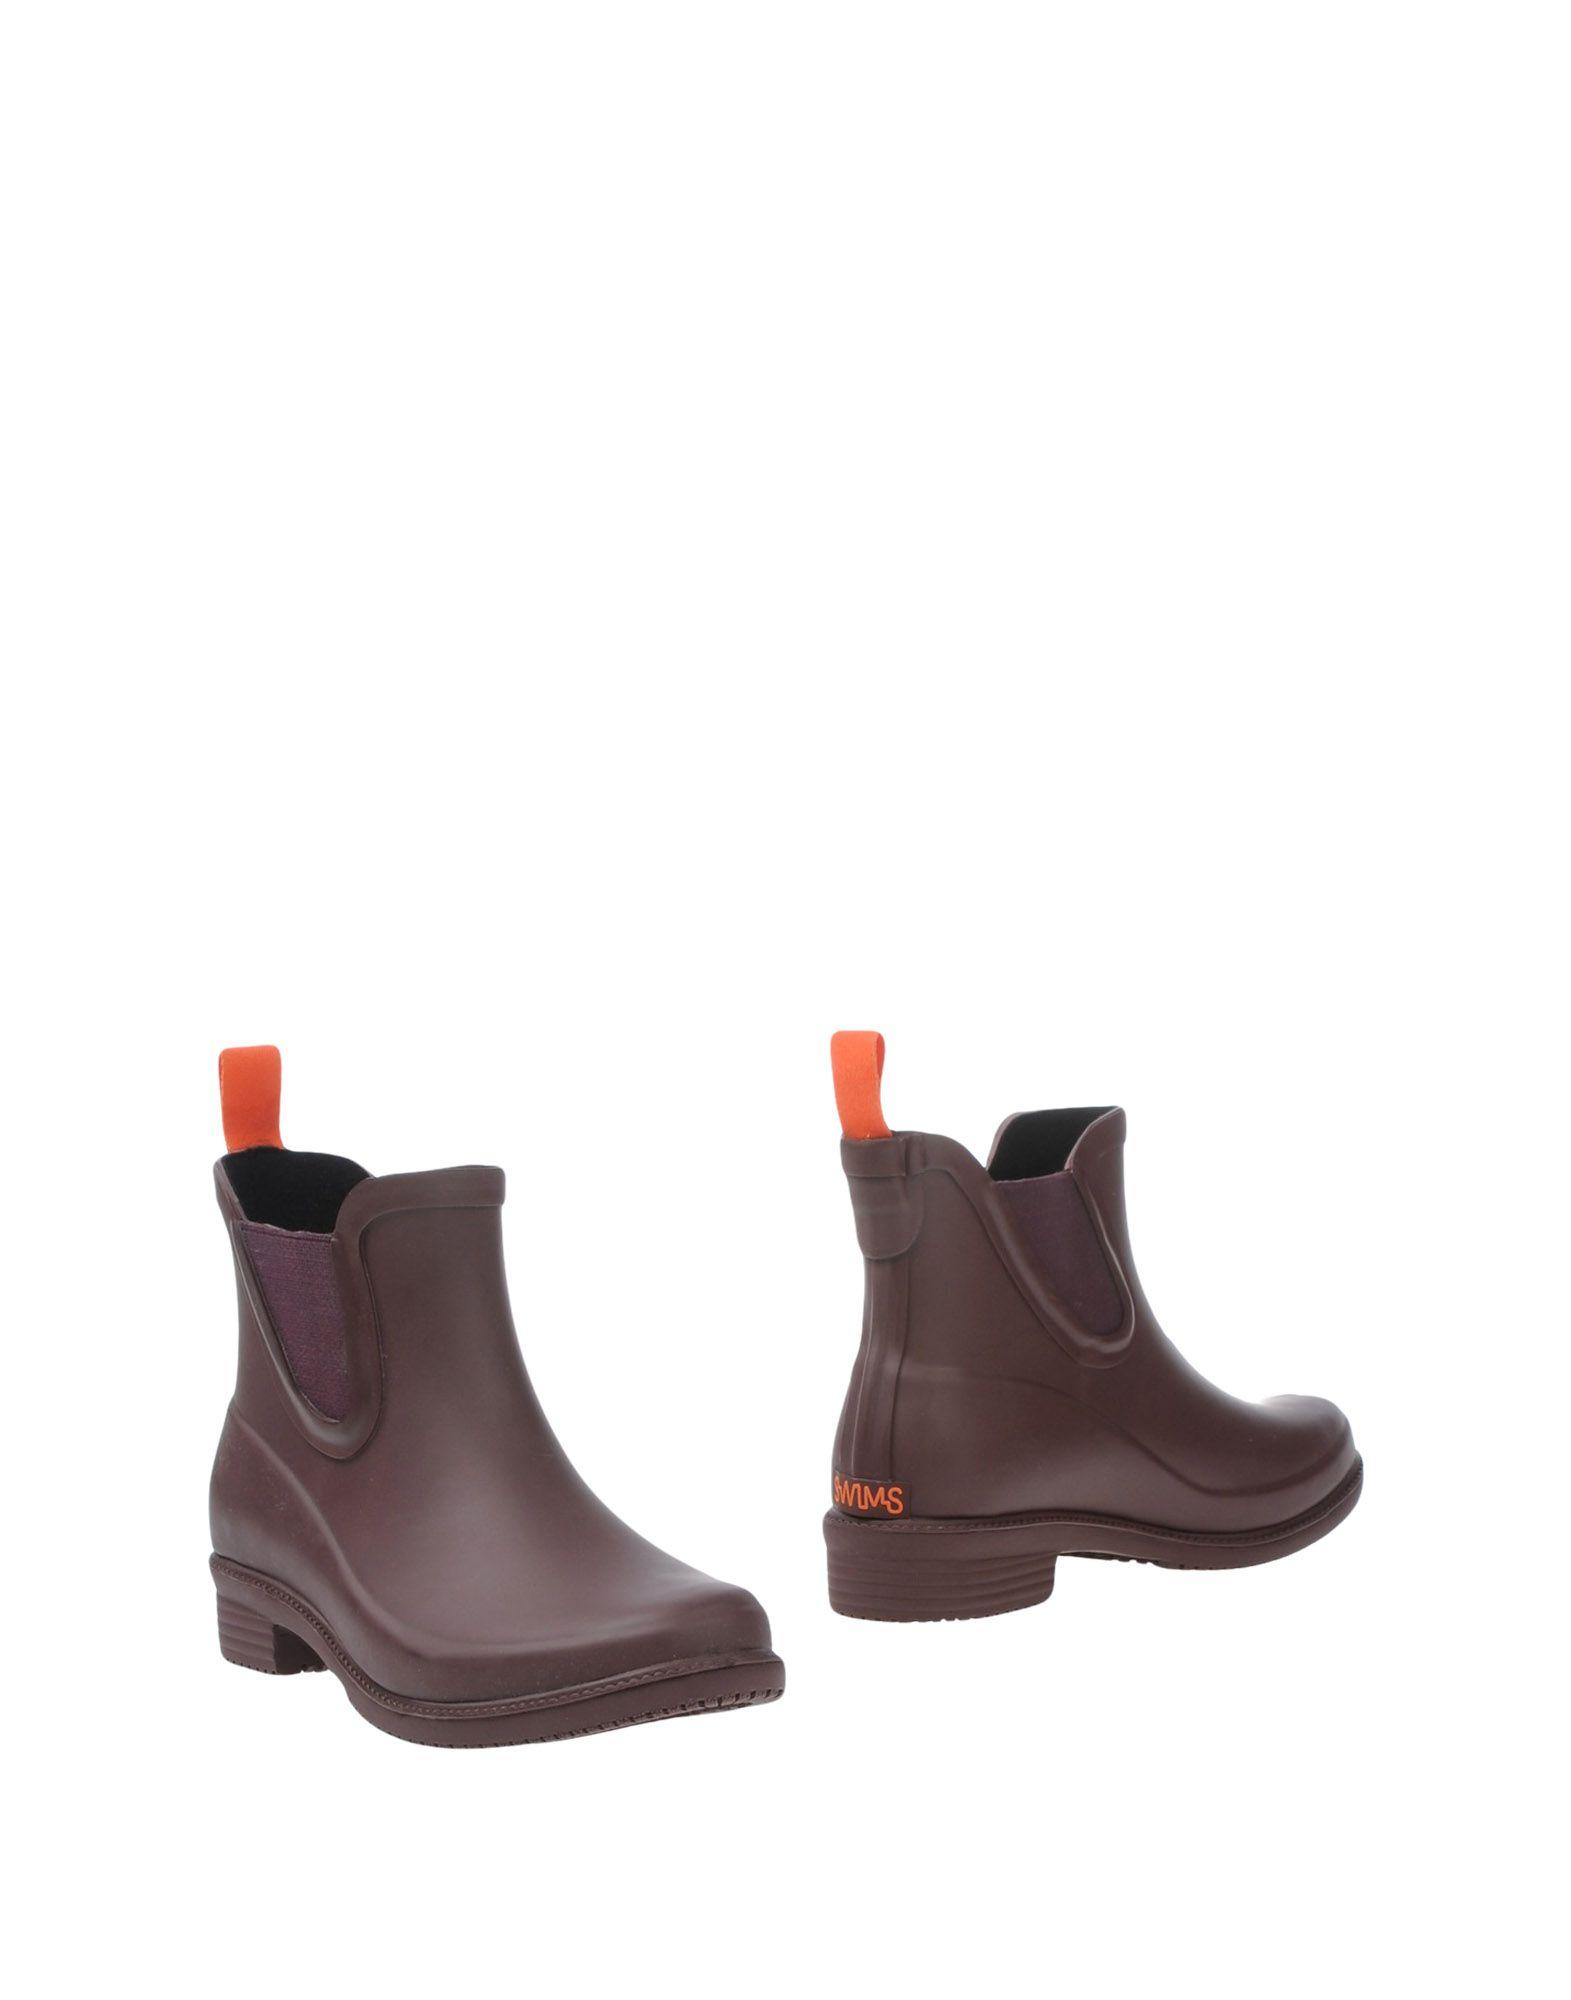 Swims Chelsea Boots Damen  11054126AV Qualität Gute Qualität 11054126AV beliebte Schuhe 0b198c